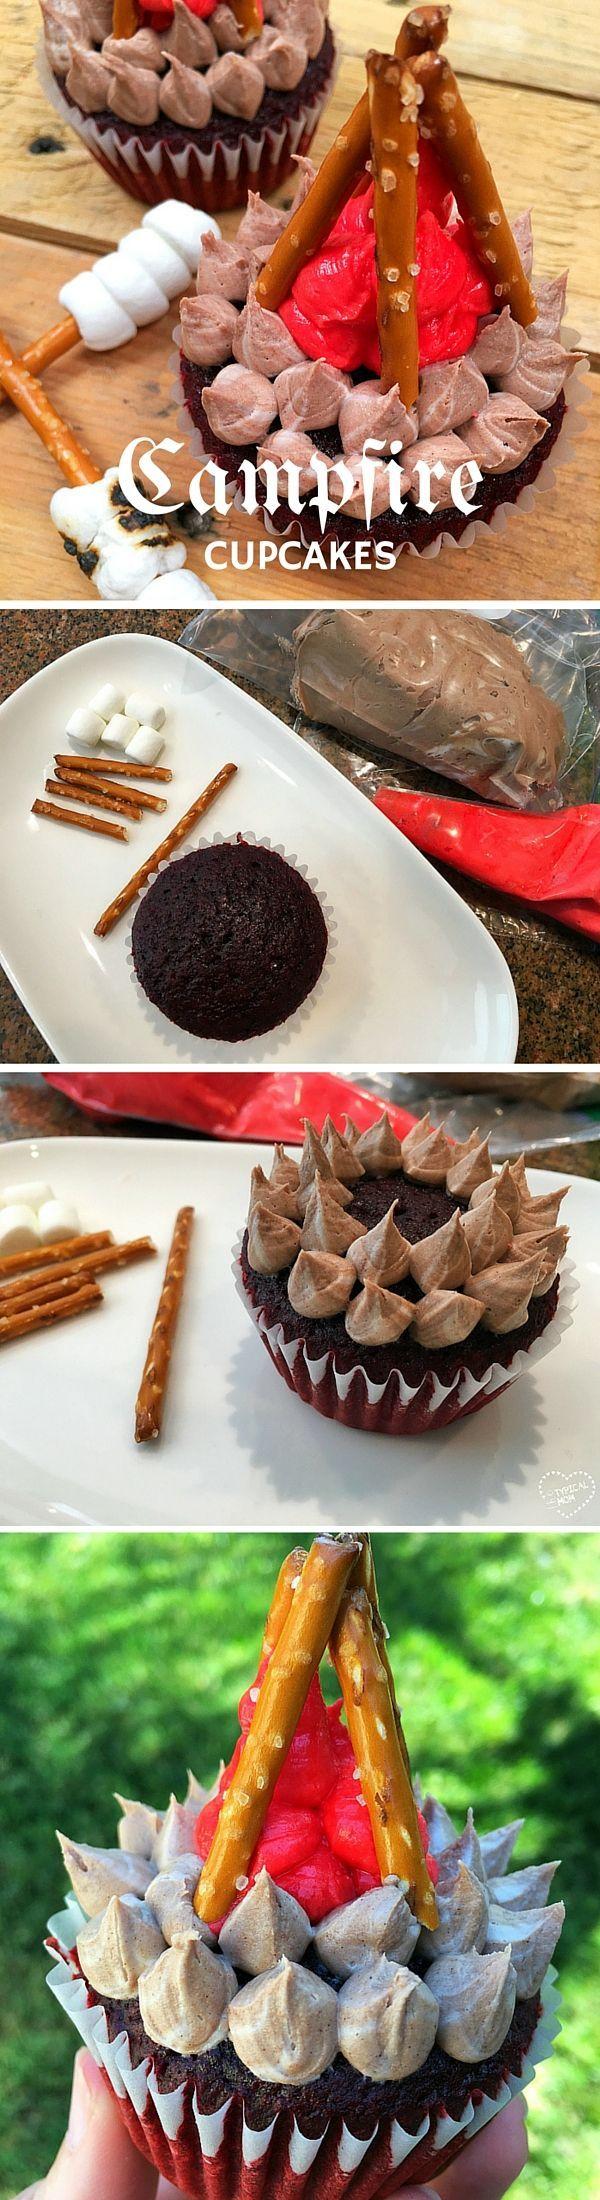 Get the recipe ♥ Campfire Cupcakes #recipes /recipes_to_go/